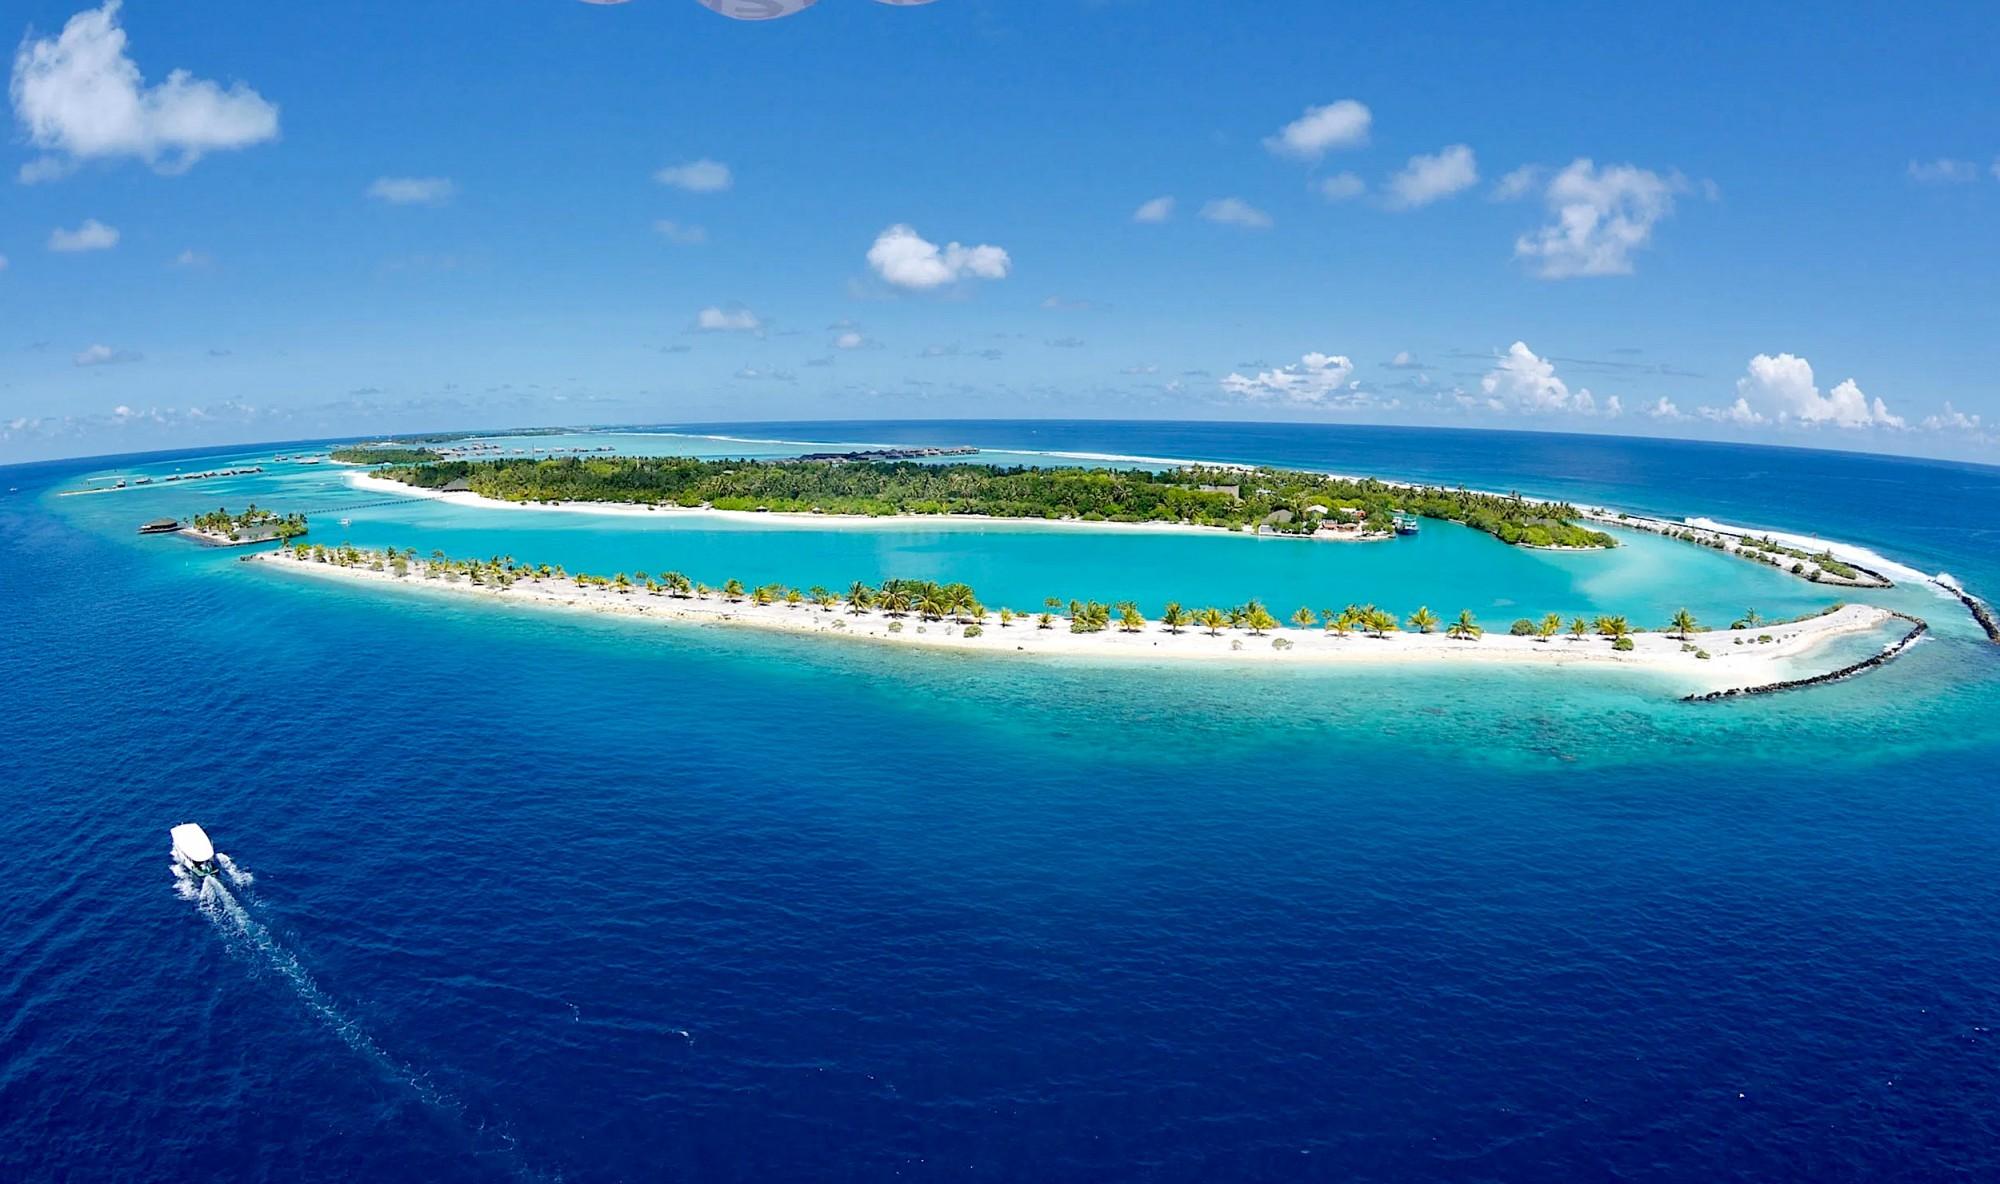 Paradise island Maledivy.